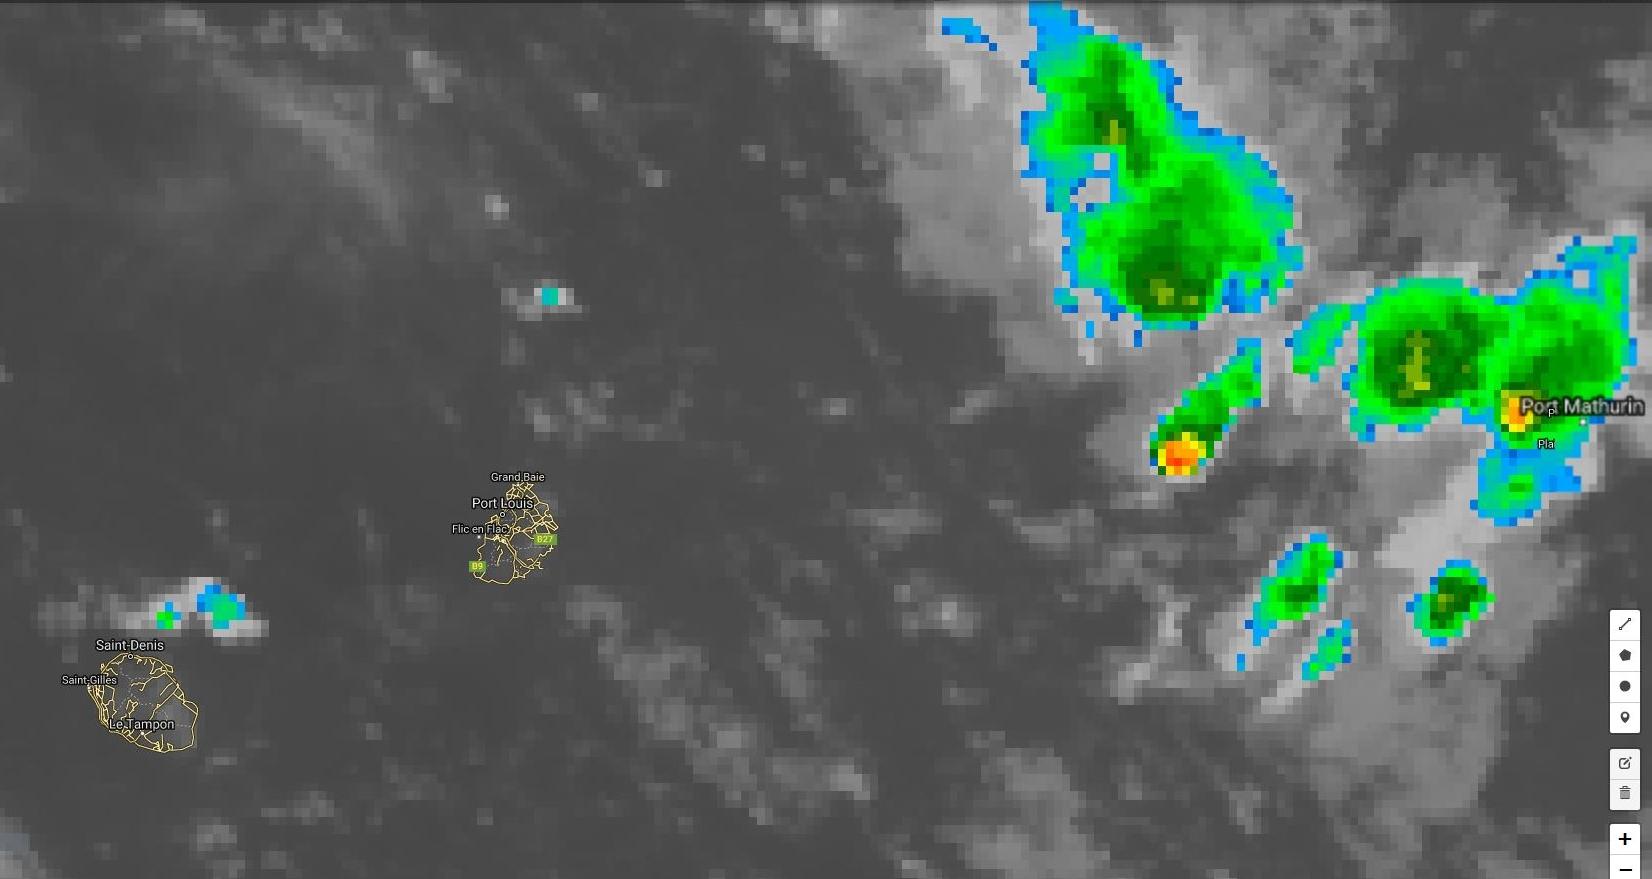 Image satellite de 23heures. La zone d'instabilité touche Rodrigues et progresse vers l'ouest. Dans le même temps la masse d'air devient plus instable à proximité des Iles Soeurs.